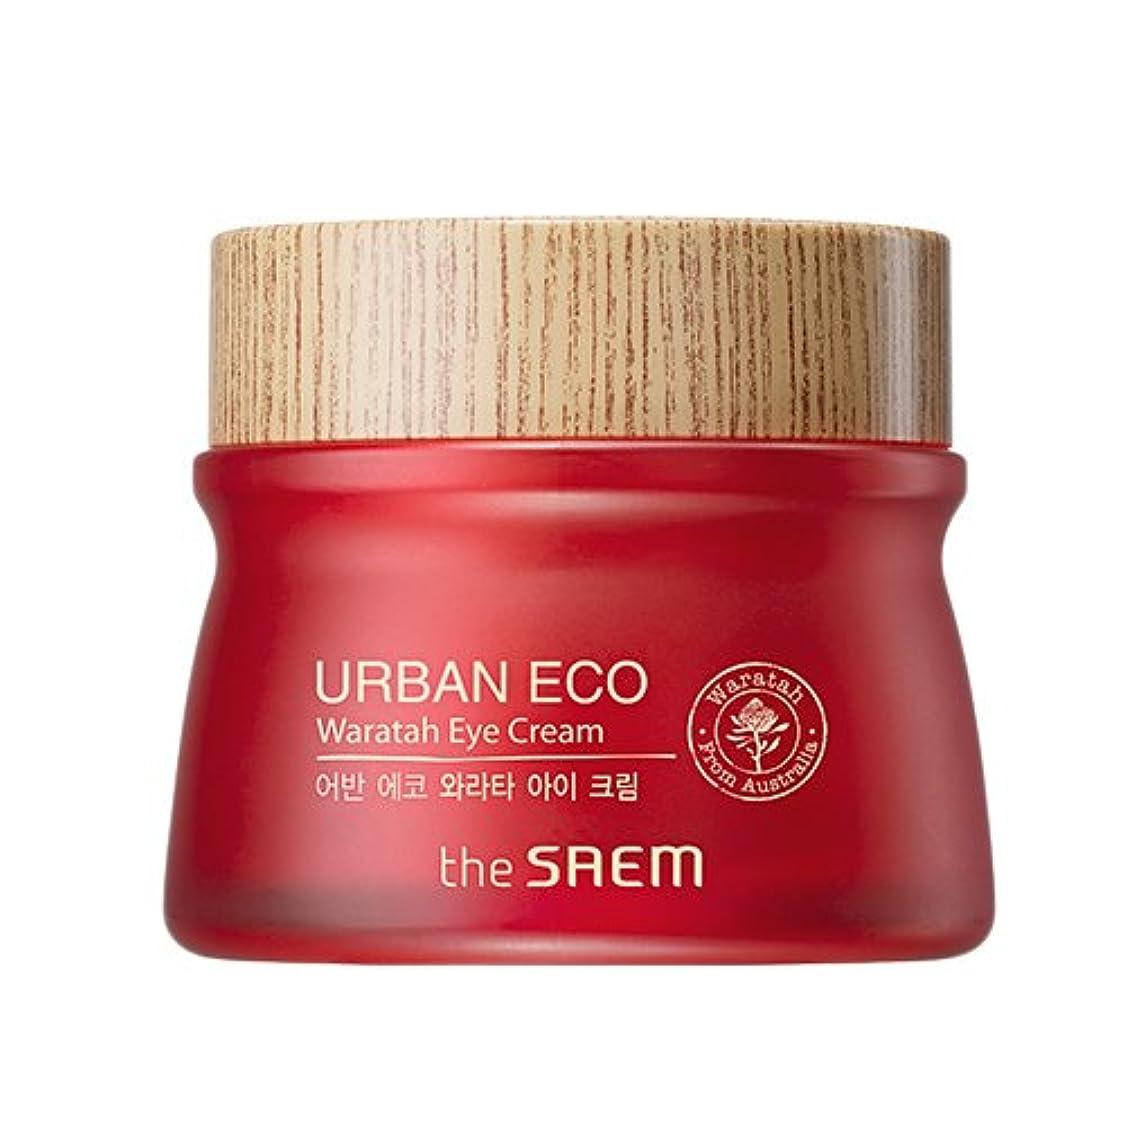 品フライトパブドセム アーバンエコワラターアイクリーム 30ml Urban Eco Waratah Eye Cream [並行輸入品]